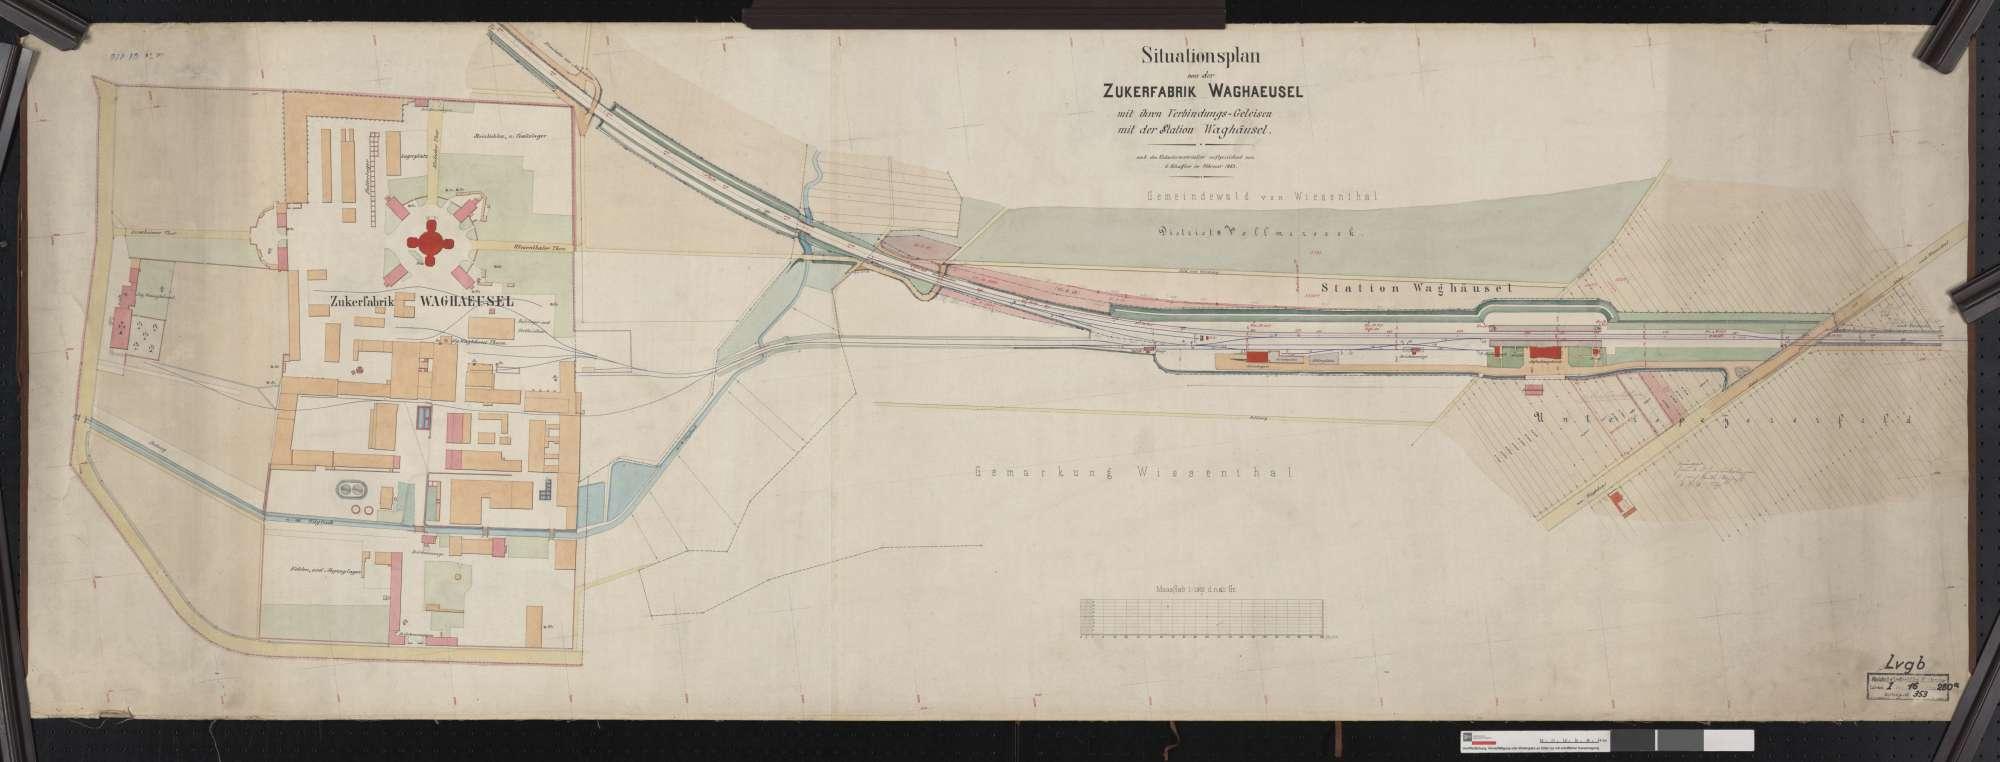 Situationsplan der Zuckerfabrik Waghäusel mit ihren Verbindungs-Gleisen mit der Station Waghäusel, Bild 1